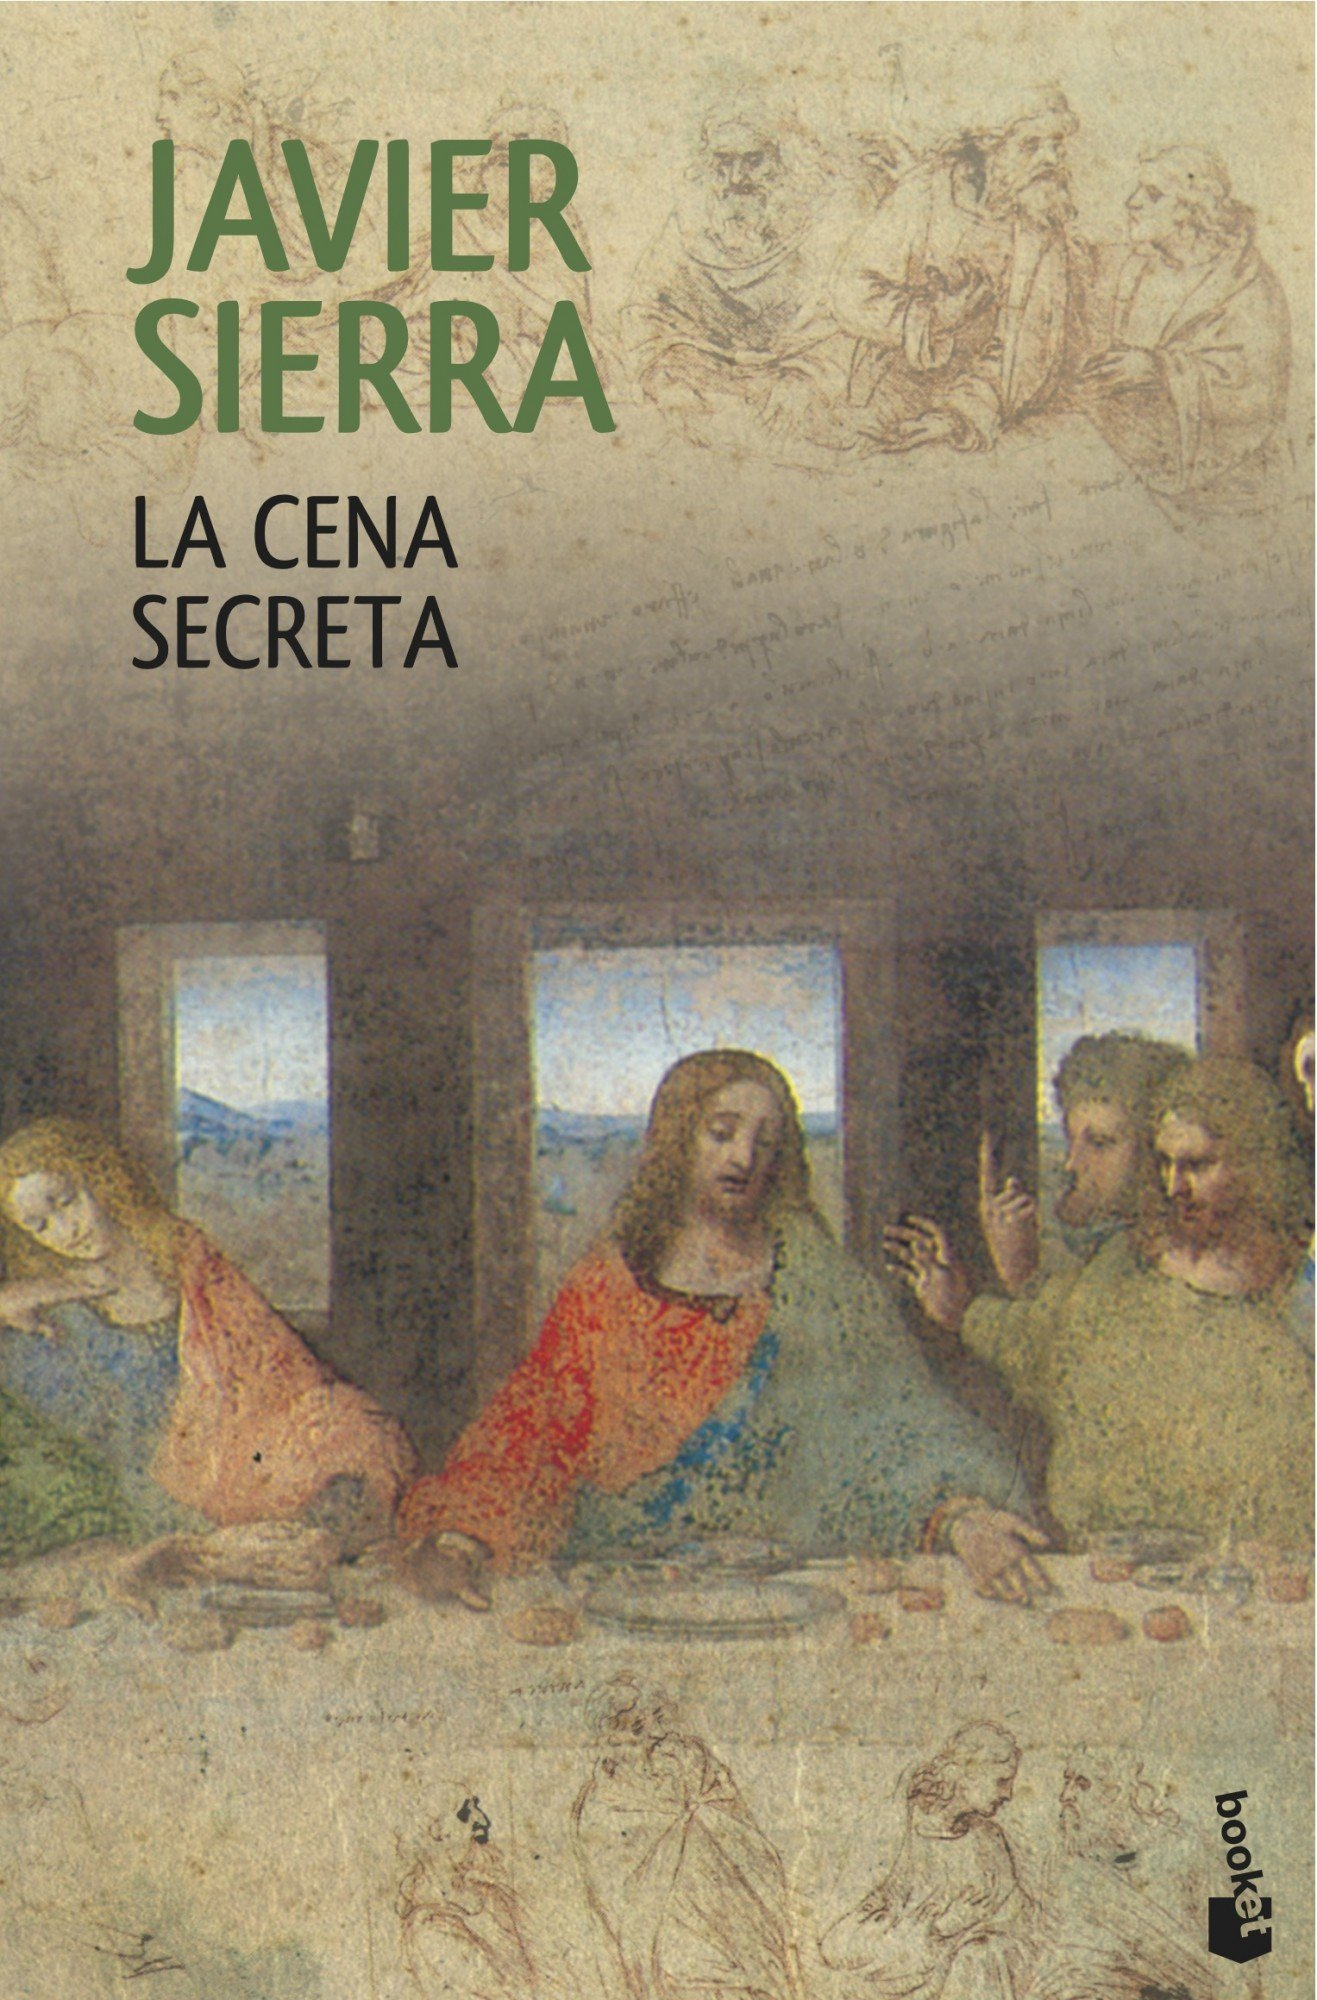 La cena secreta (Navidad 2013)